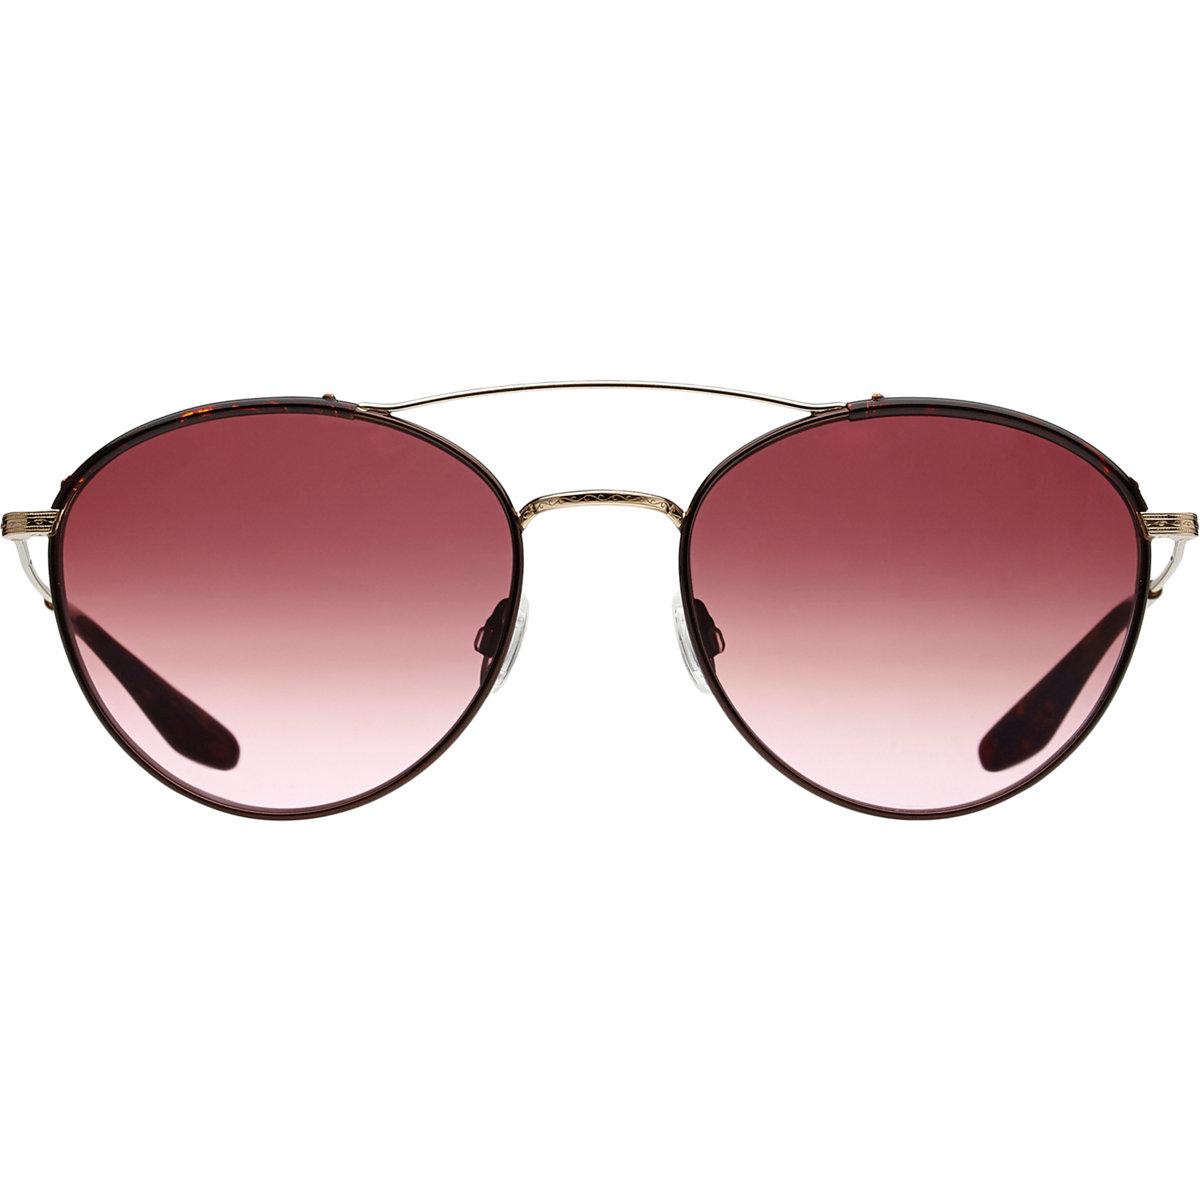 e3d8708445 Barton Perreira Gamine Sunglasses in Metallic - Lyst